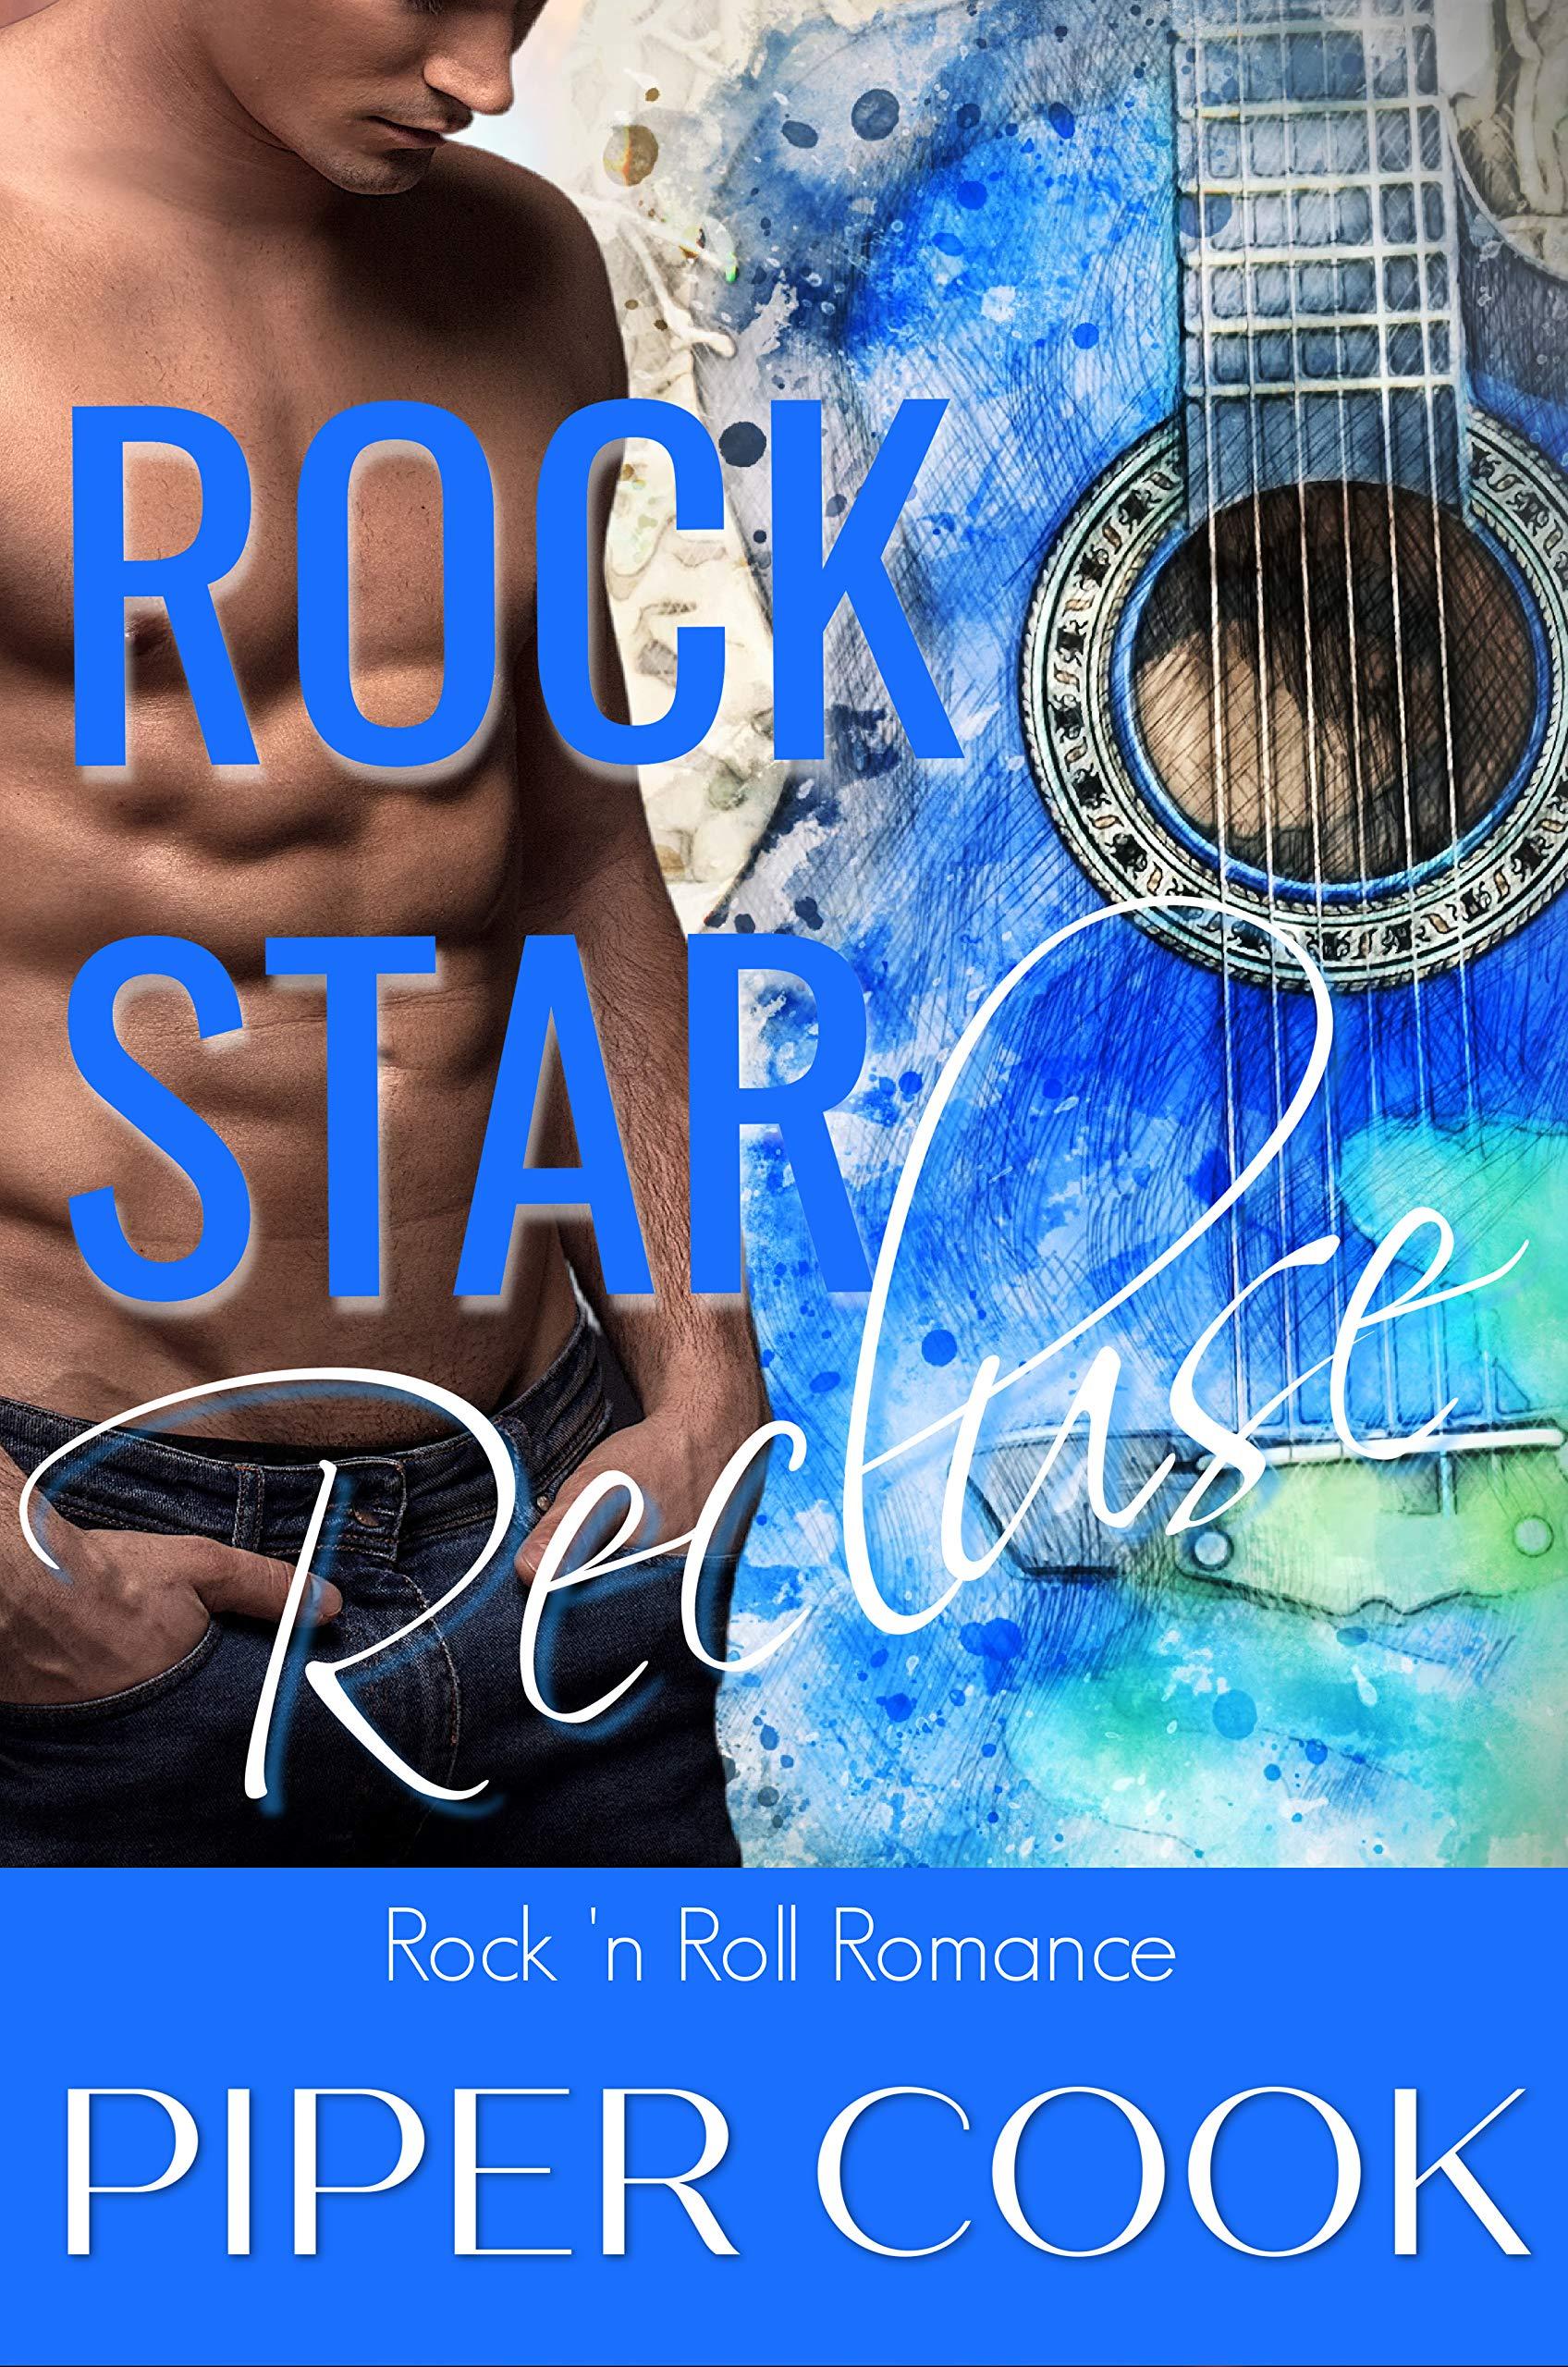 Rock Star Recluse (Rock 'n Roll Romance #1)